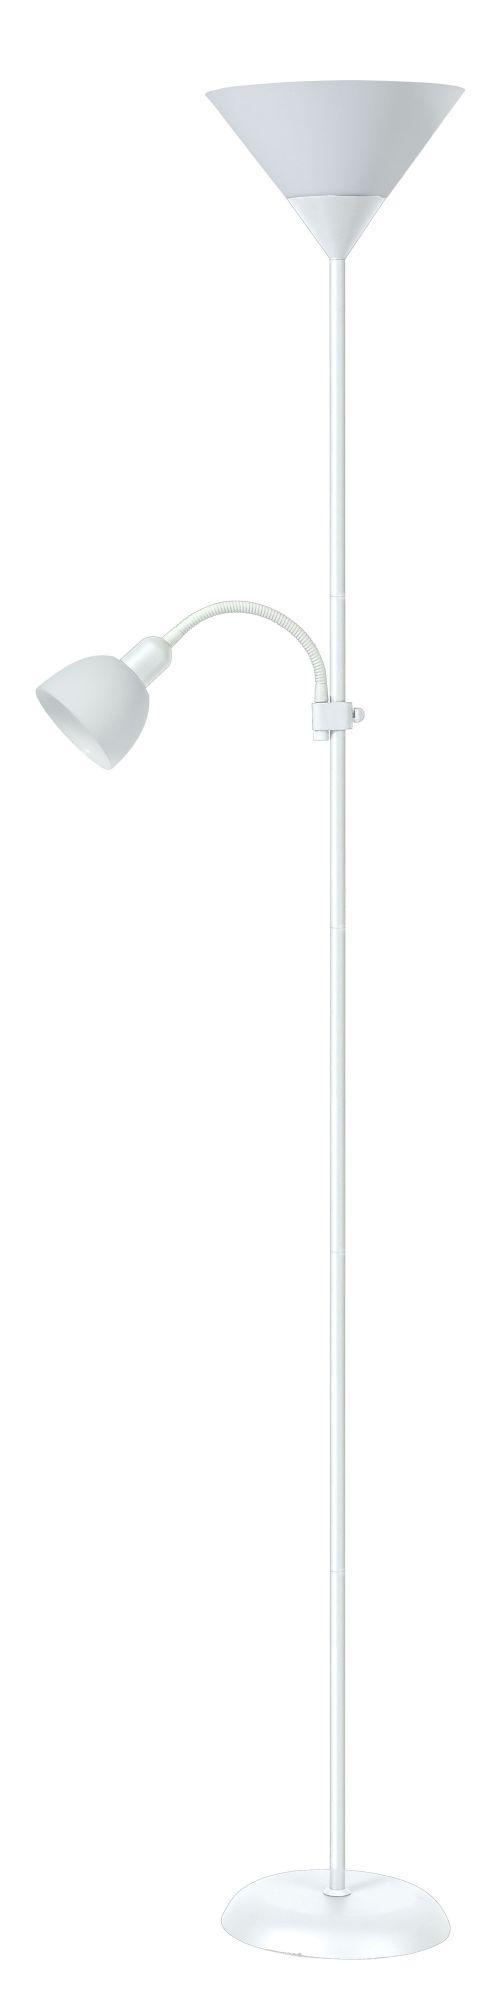 Stojanová lampa Action 4061 (biela + biela)